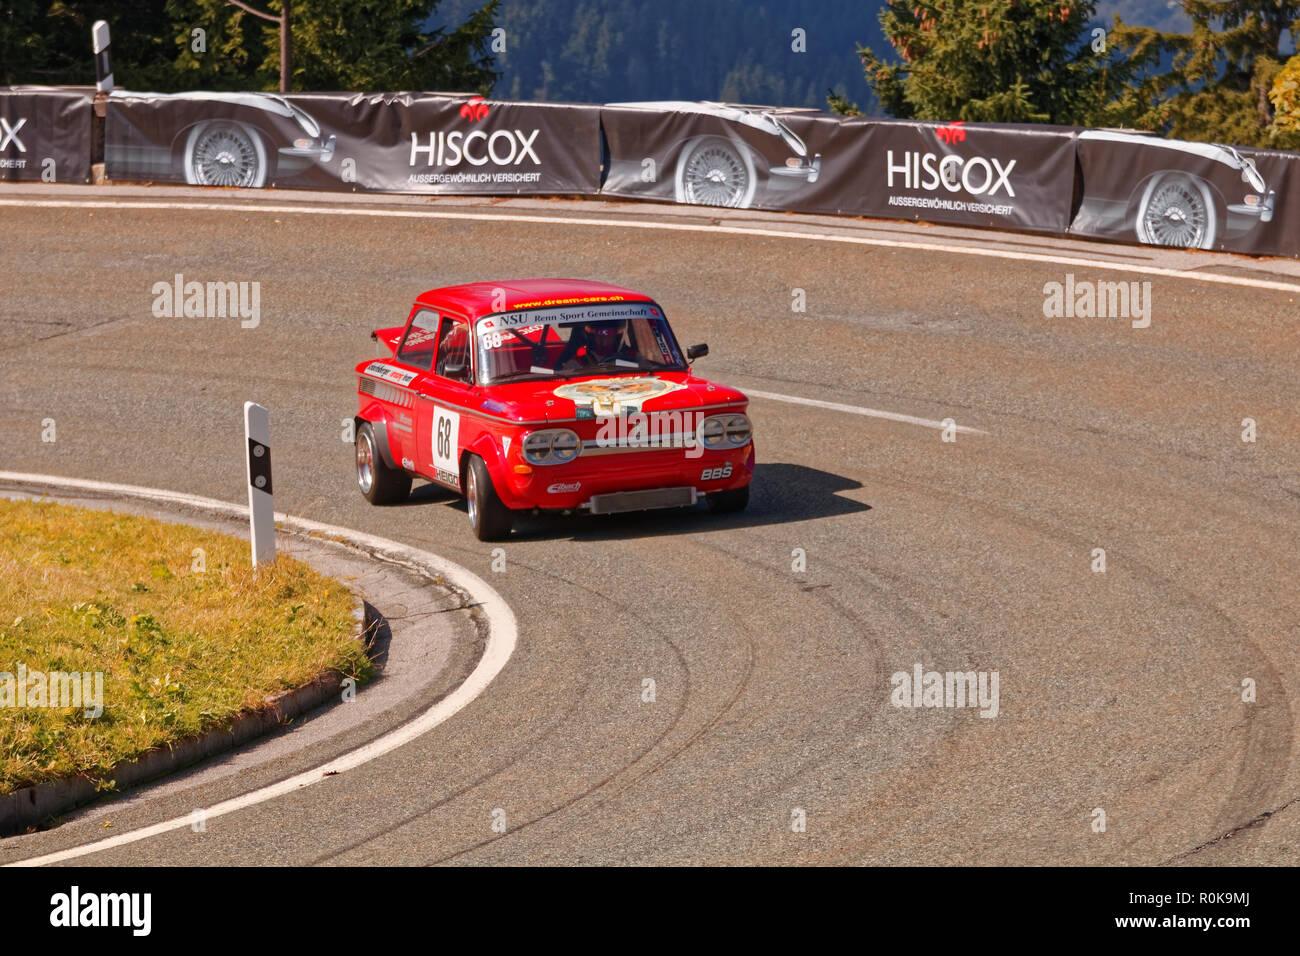 Berchtesgaden, Deutschland 2016-09-24: Zweite Runde der historischen Rennwagen - Internationale Edelweiss Bergrennen am Rossfeld Panorama Straße (Rossfeld P Stockbild